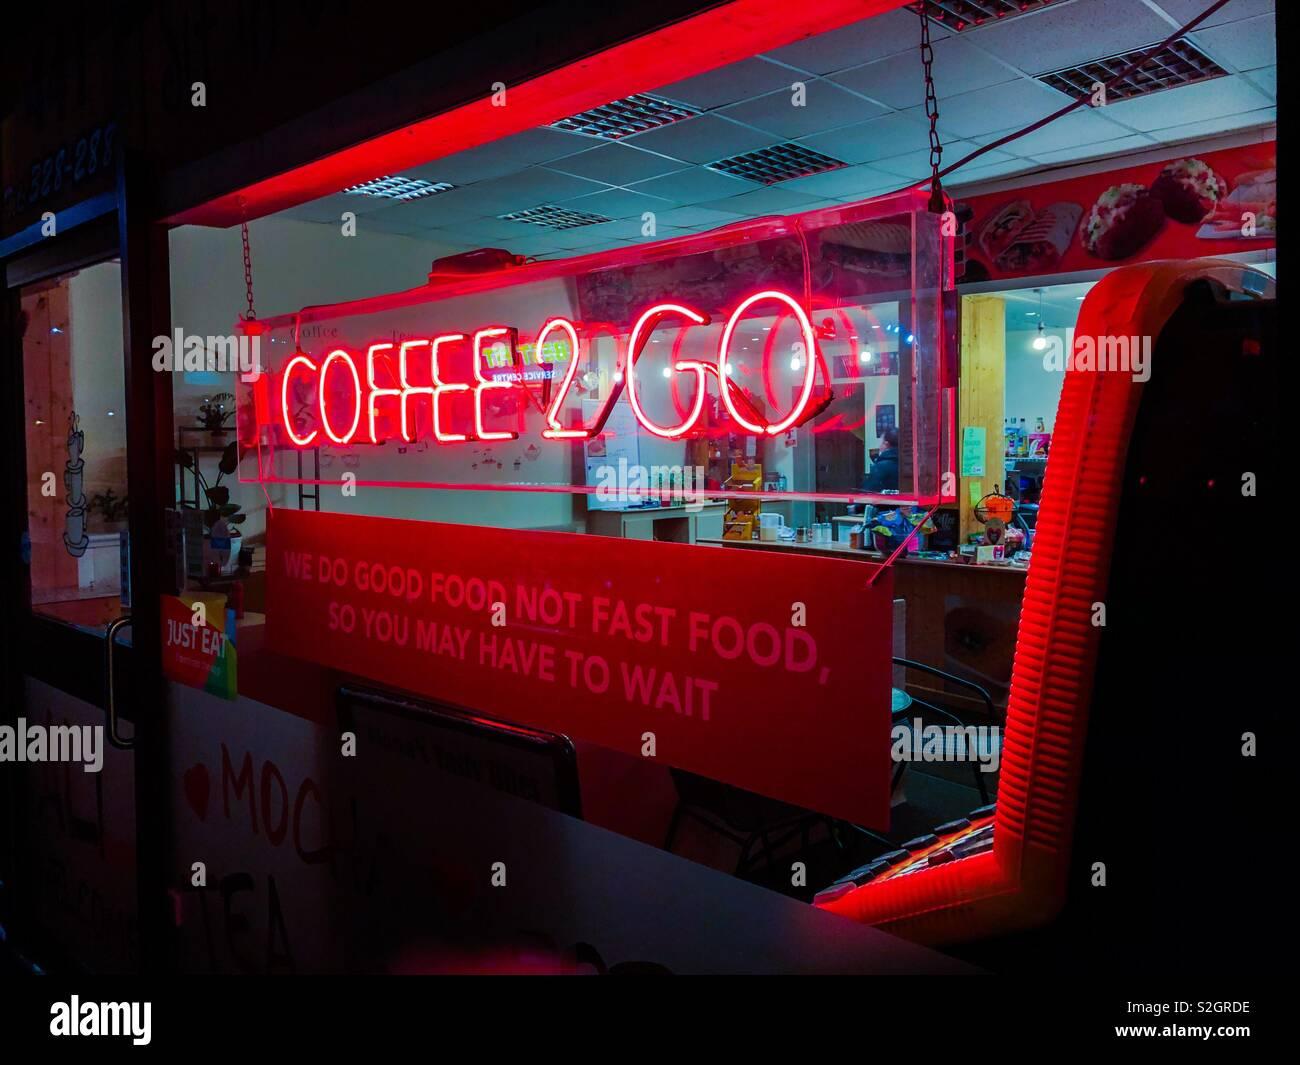 Coffee2Go Leuchtreklame. Glasgow. Schottland. UK. Stockfoto